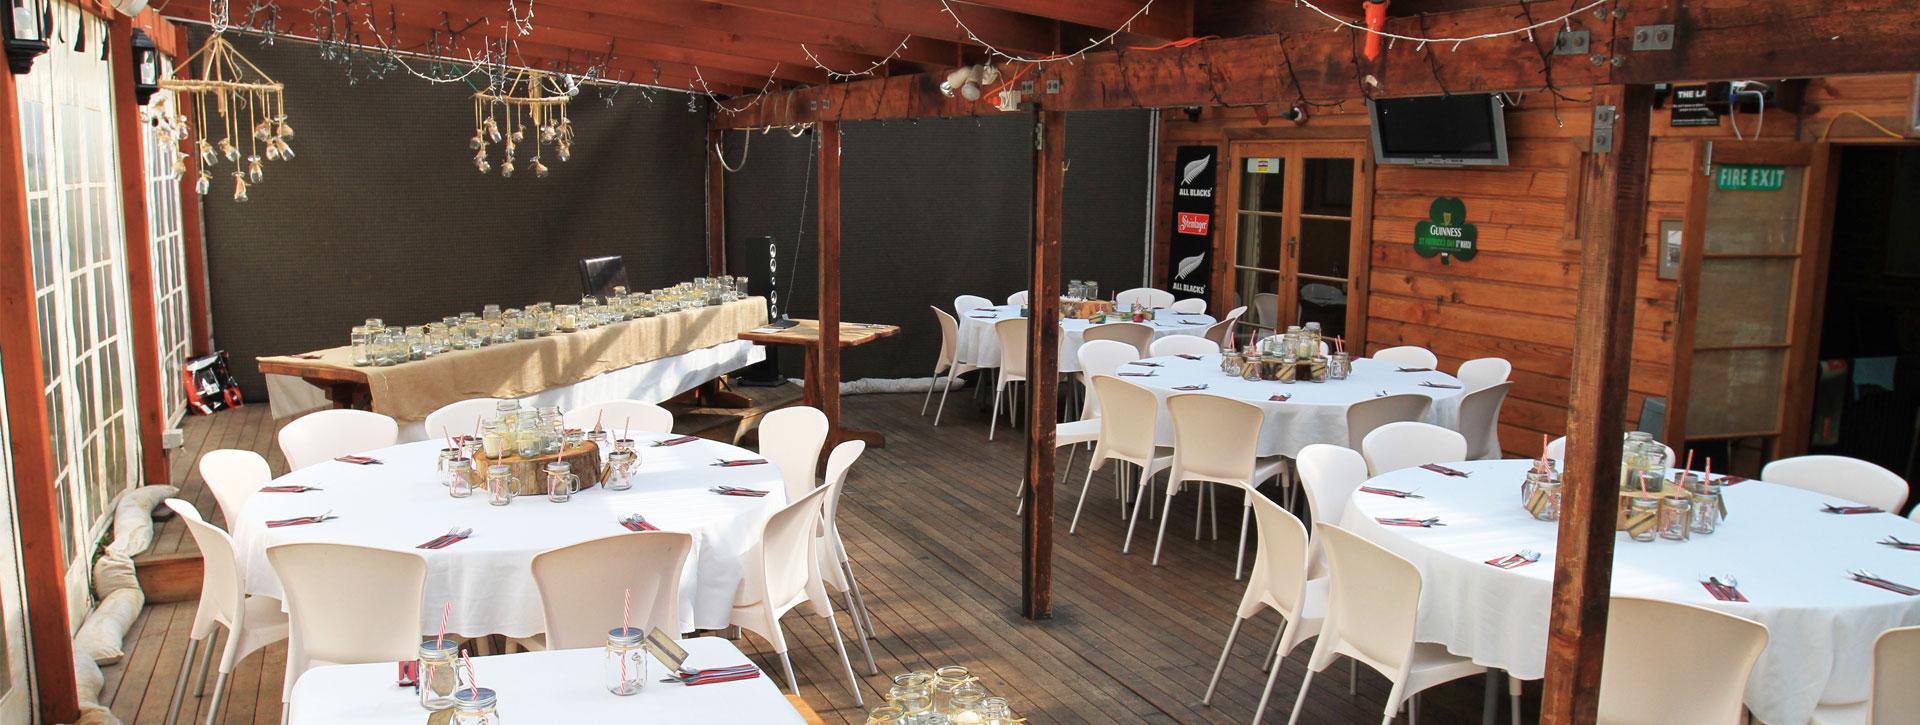 The Denniston Dog Restaurant & Bar, Westport